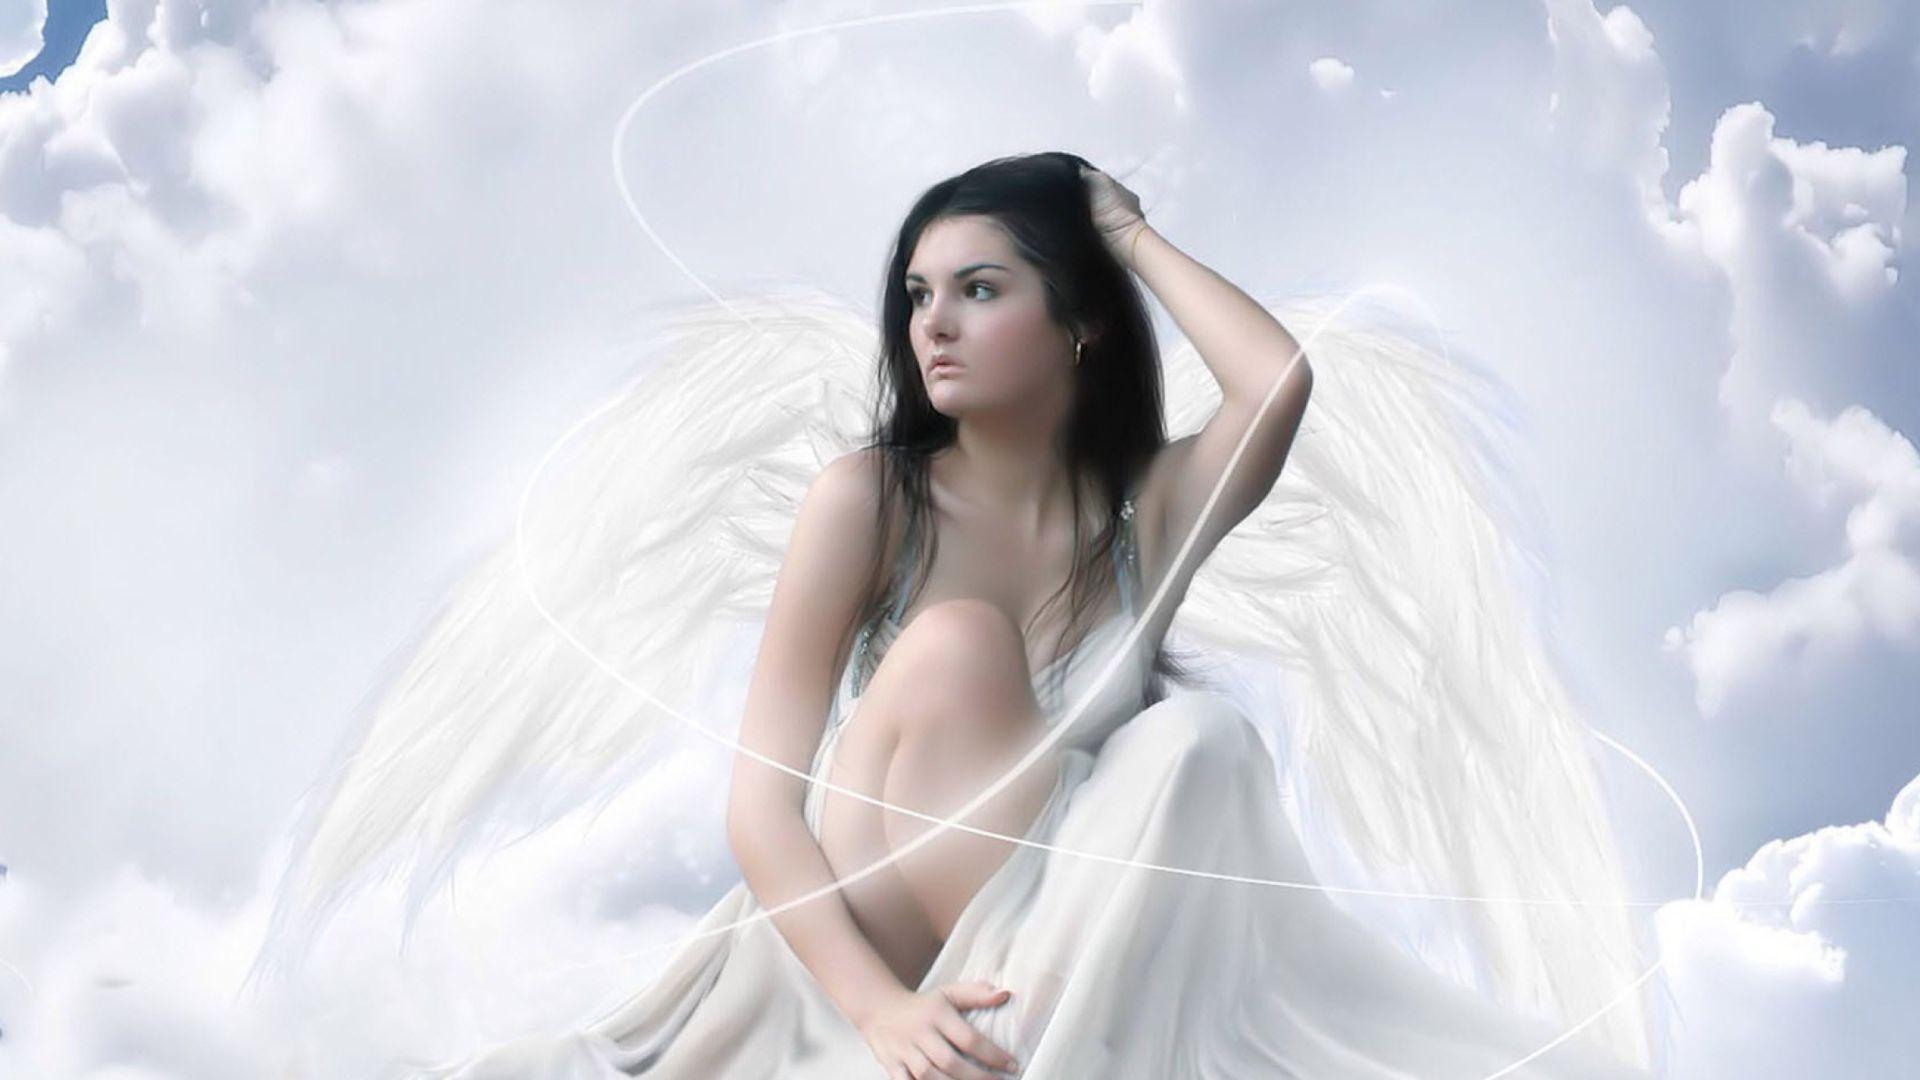 Angel Girl Brunette